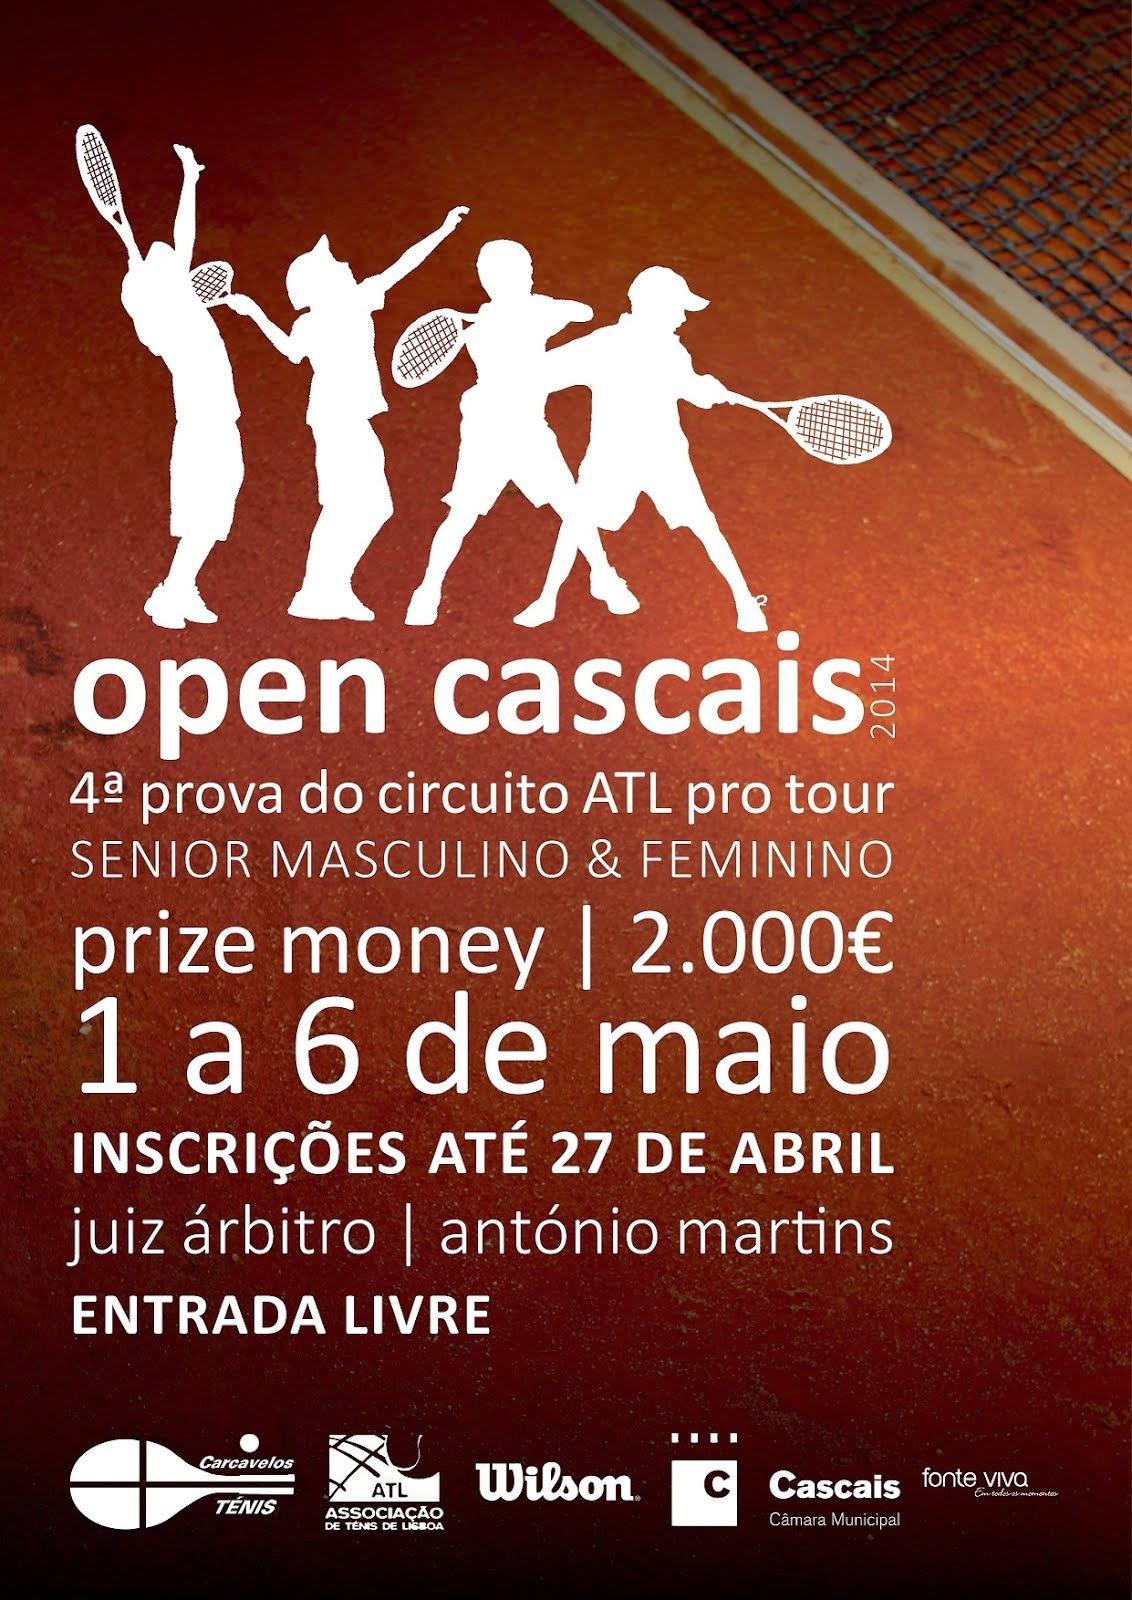 Open Cascais